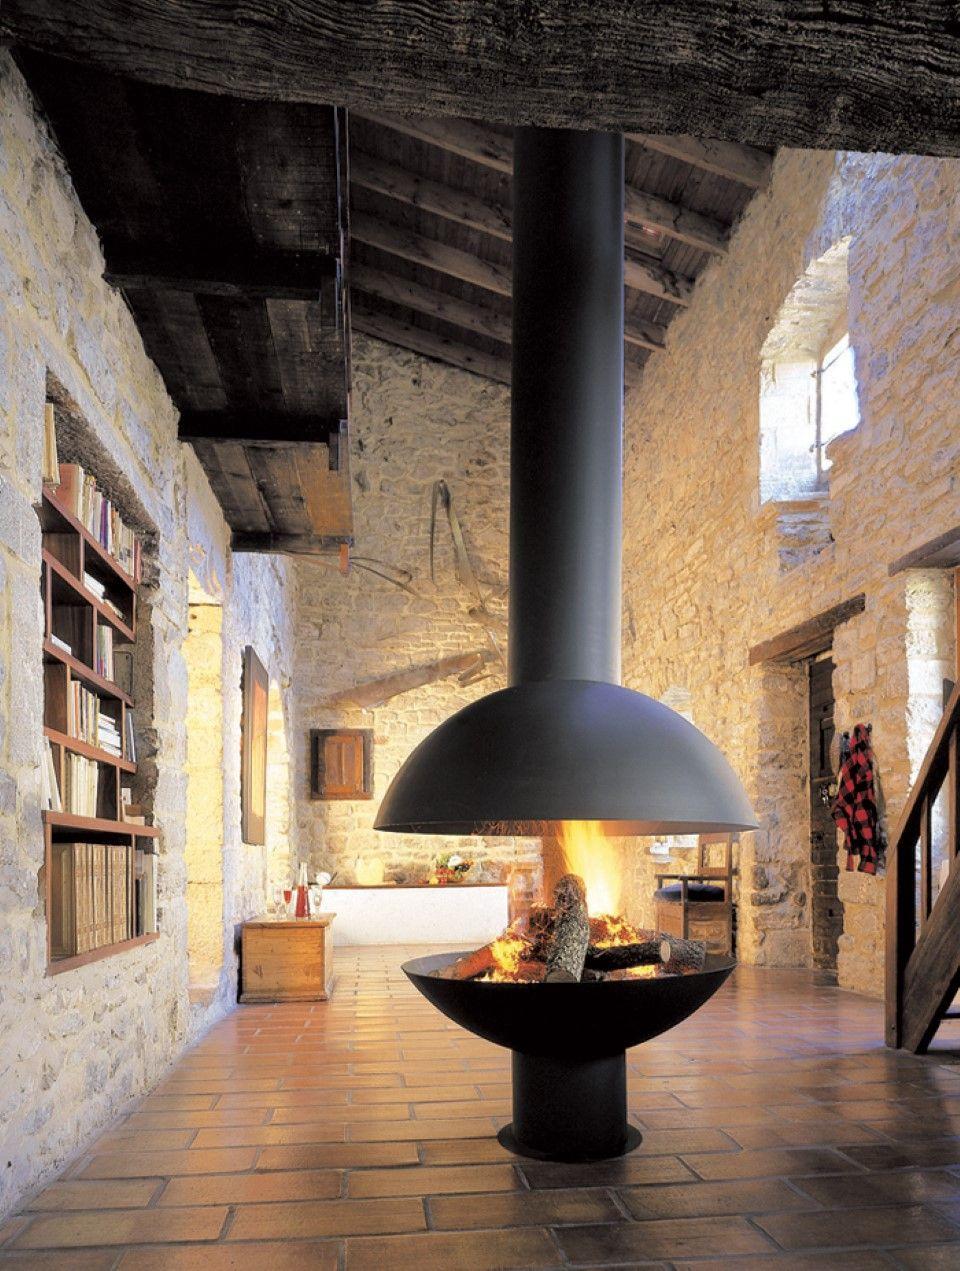 Ziegelhaus design außen futuristic fireplaces  decoration  futuristic hanging fireplace